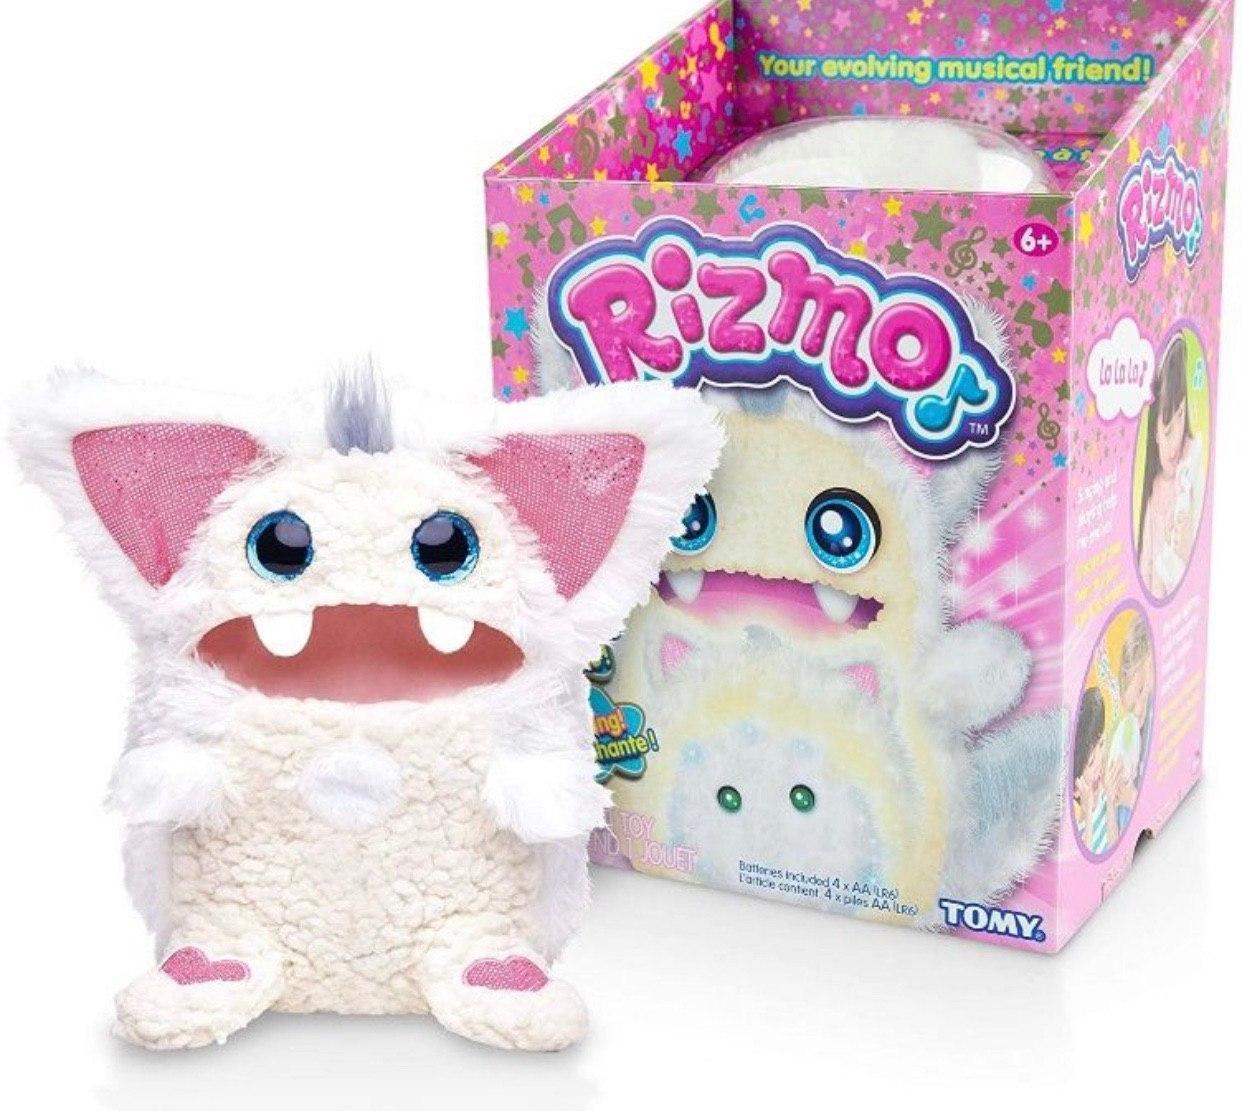 Интерактивная игрушка Rizmo Evolving Musical Friend  Ризмо White